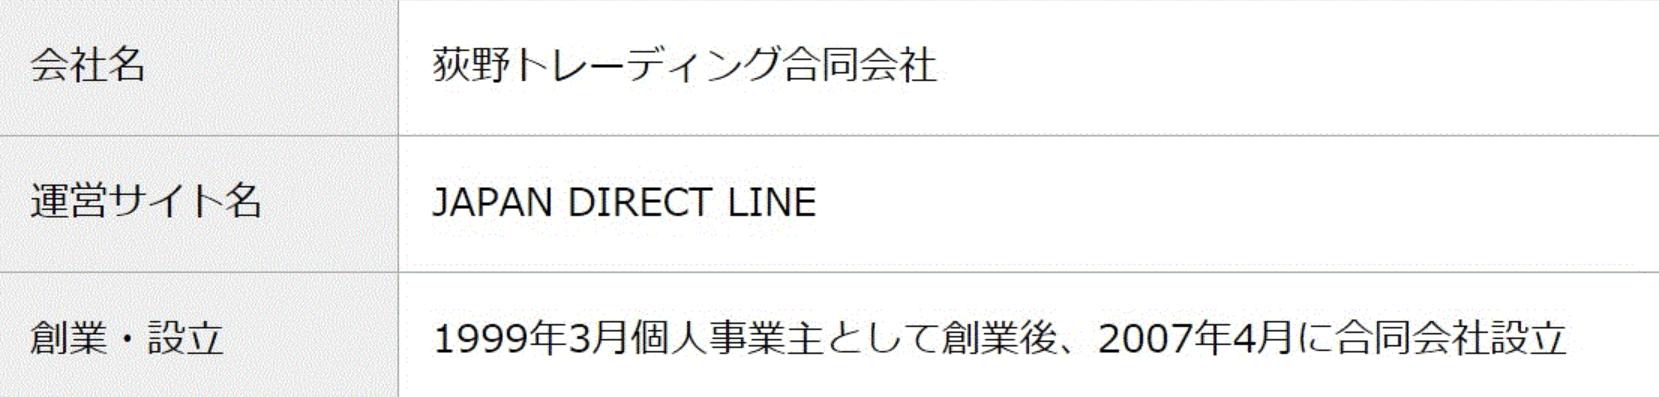 ジャパンダイレクトライン 会社案内